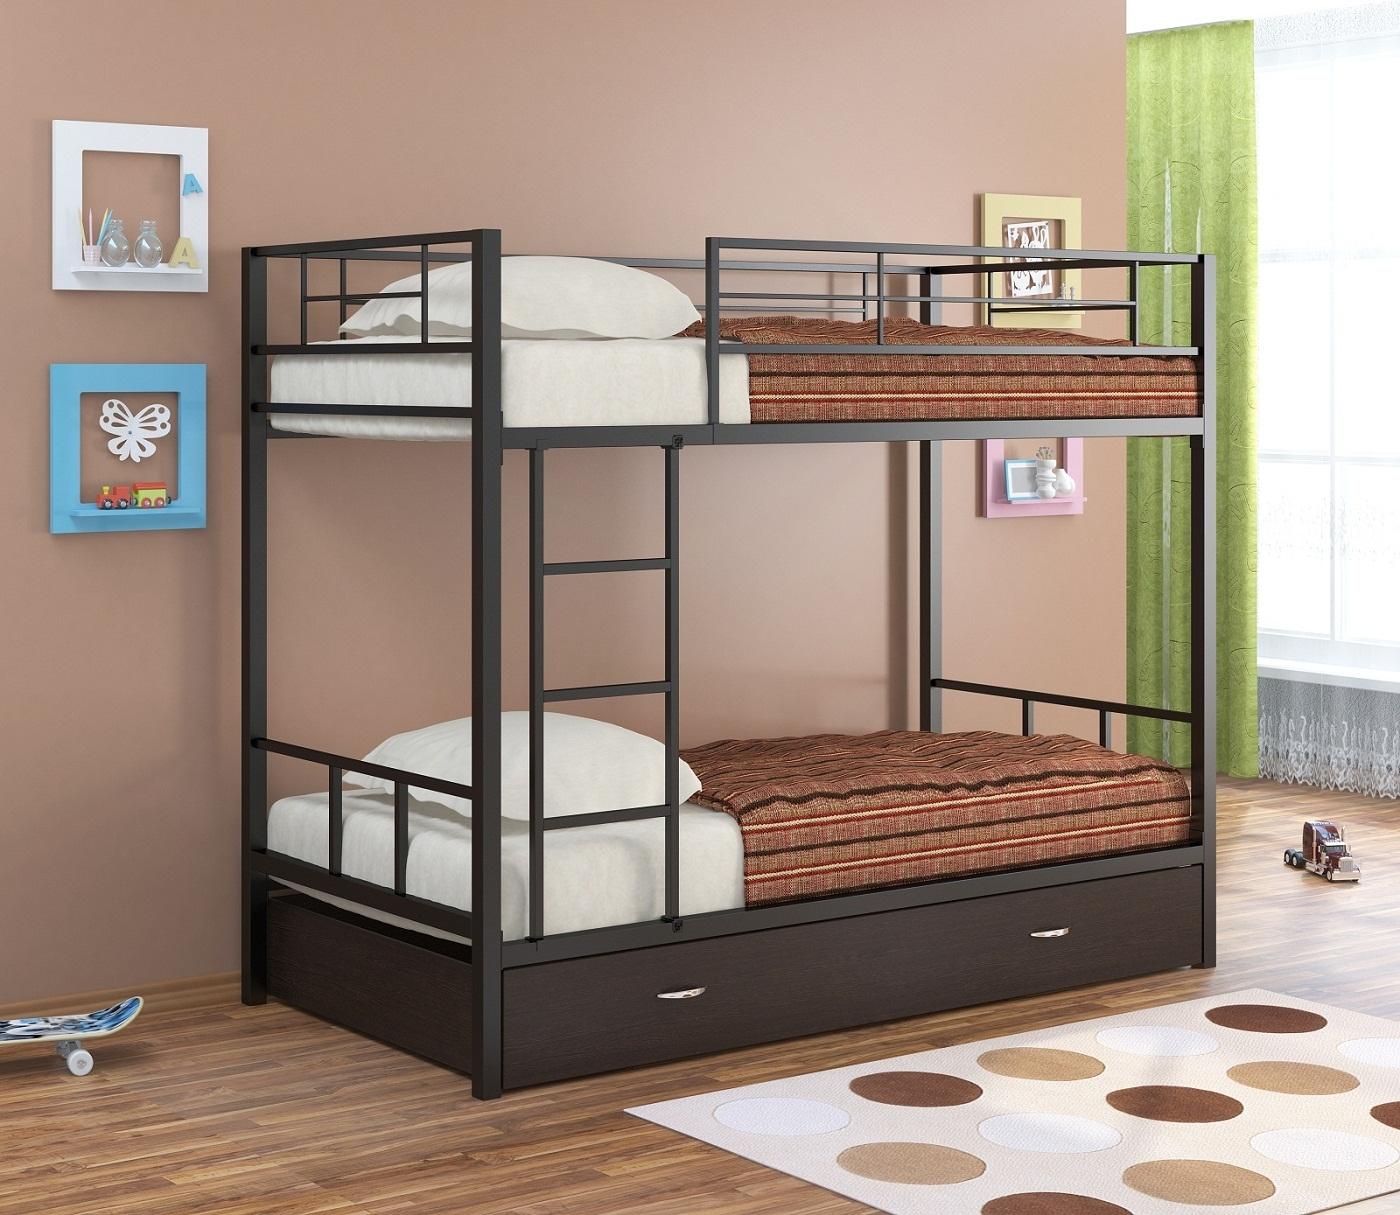 металлические двухъярусные кровати 64 фото железные модели для